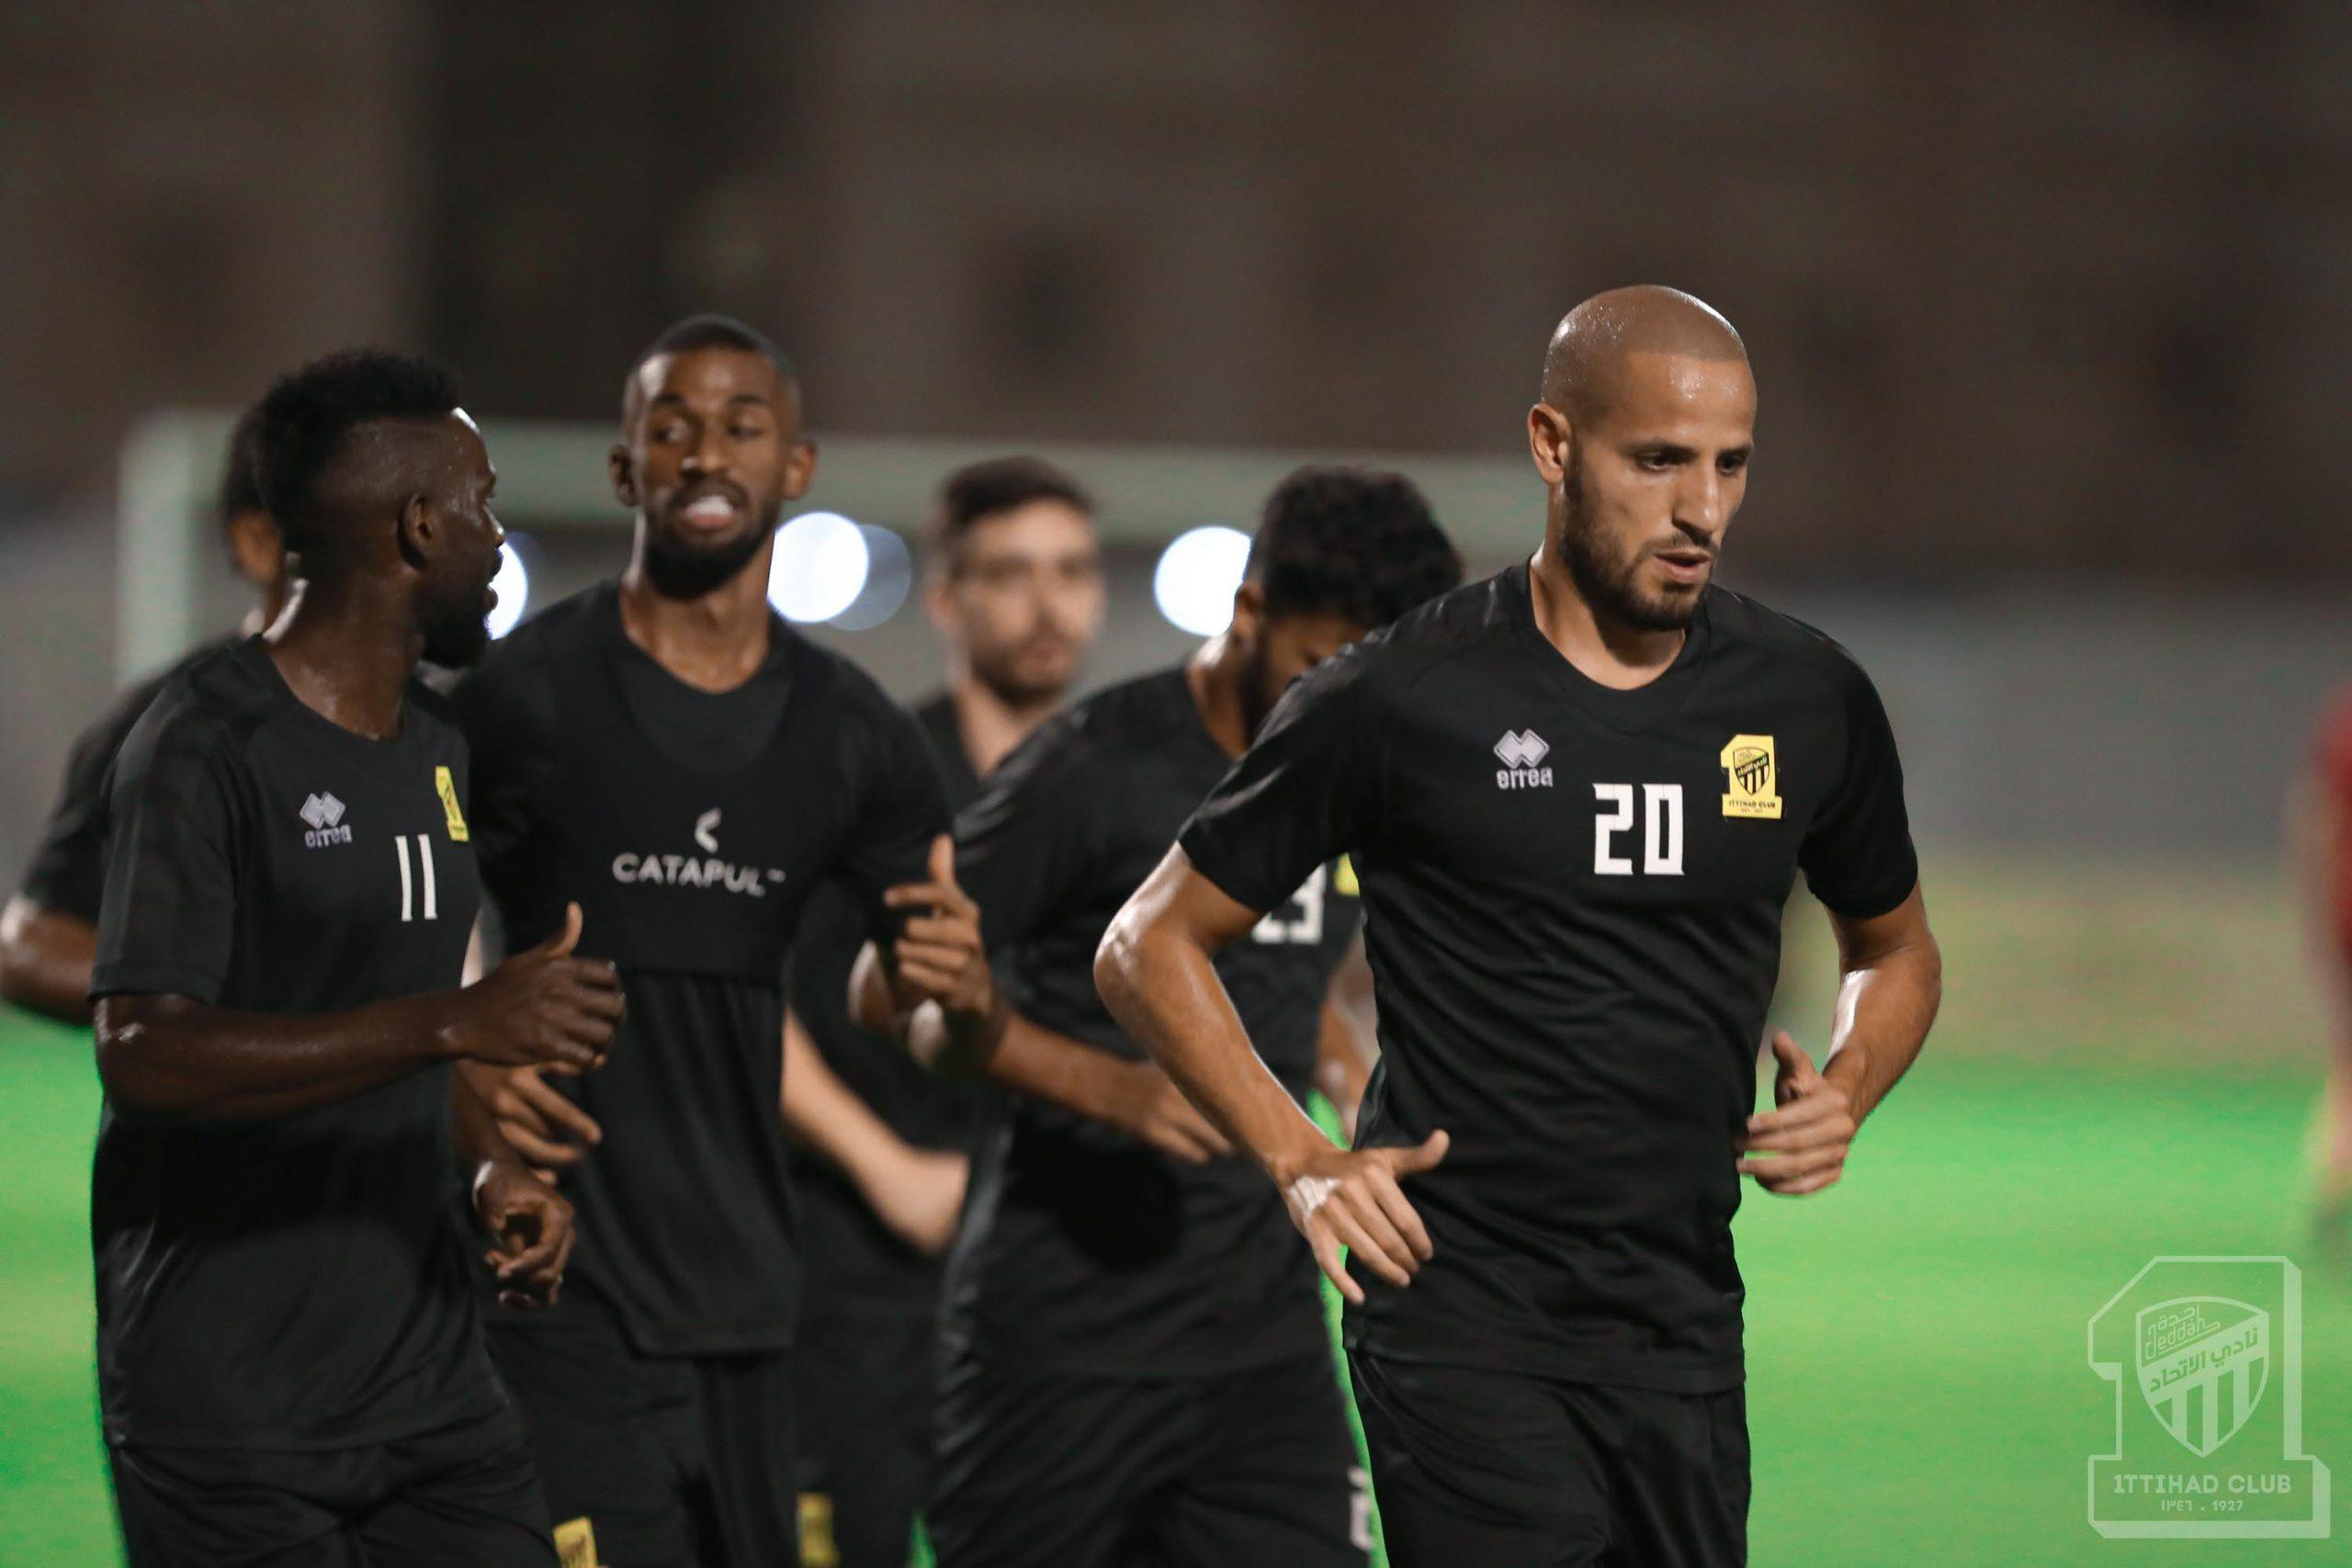 الاتحاد يحفز لاعبيه قبل مواجهة النصر